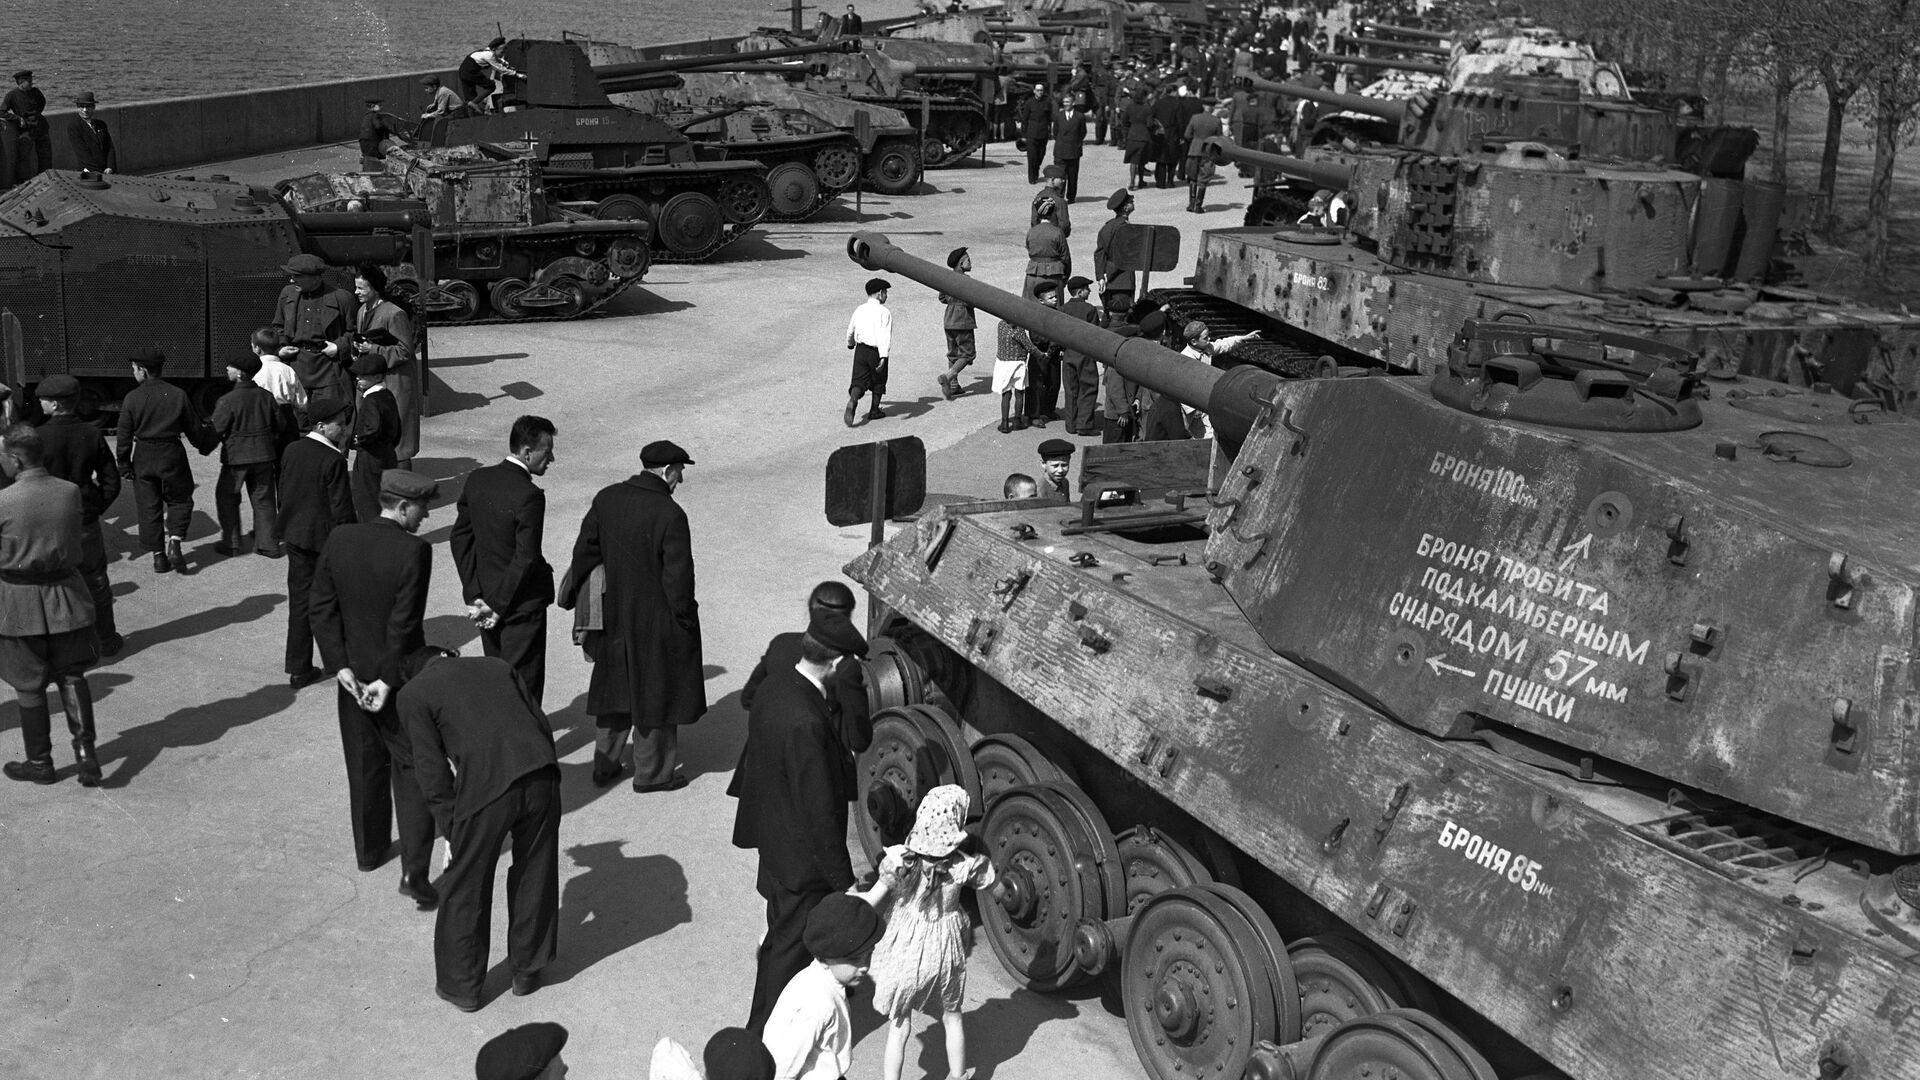 Výstava výzbroje zajaté Rudou armádou během Velké vlastenecké války v Parku Gorkého v Moskvě. Výstava byla k vidění od roku 1943 do 1948 - Sputnik Česká republika, 1920, 24.03.2021